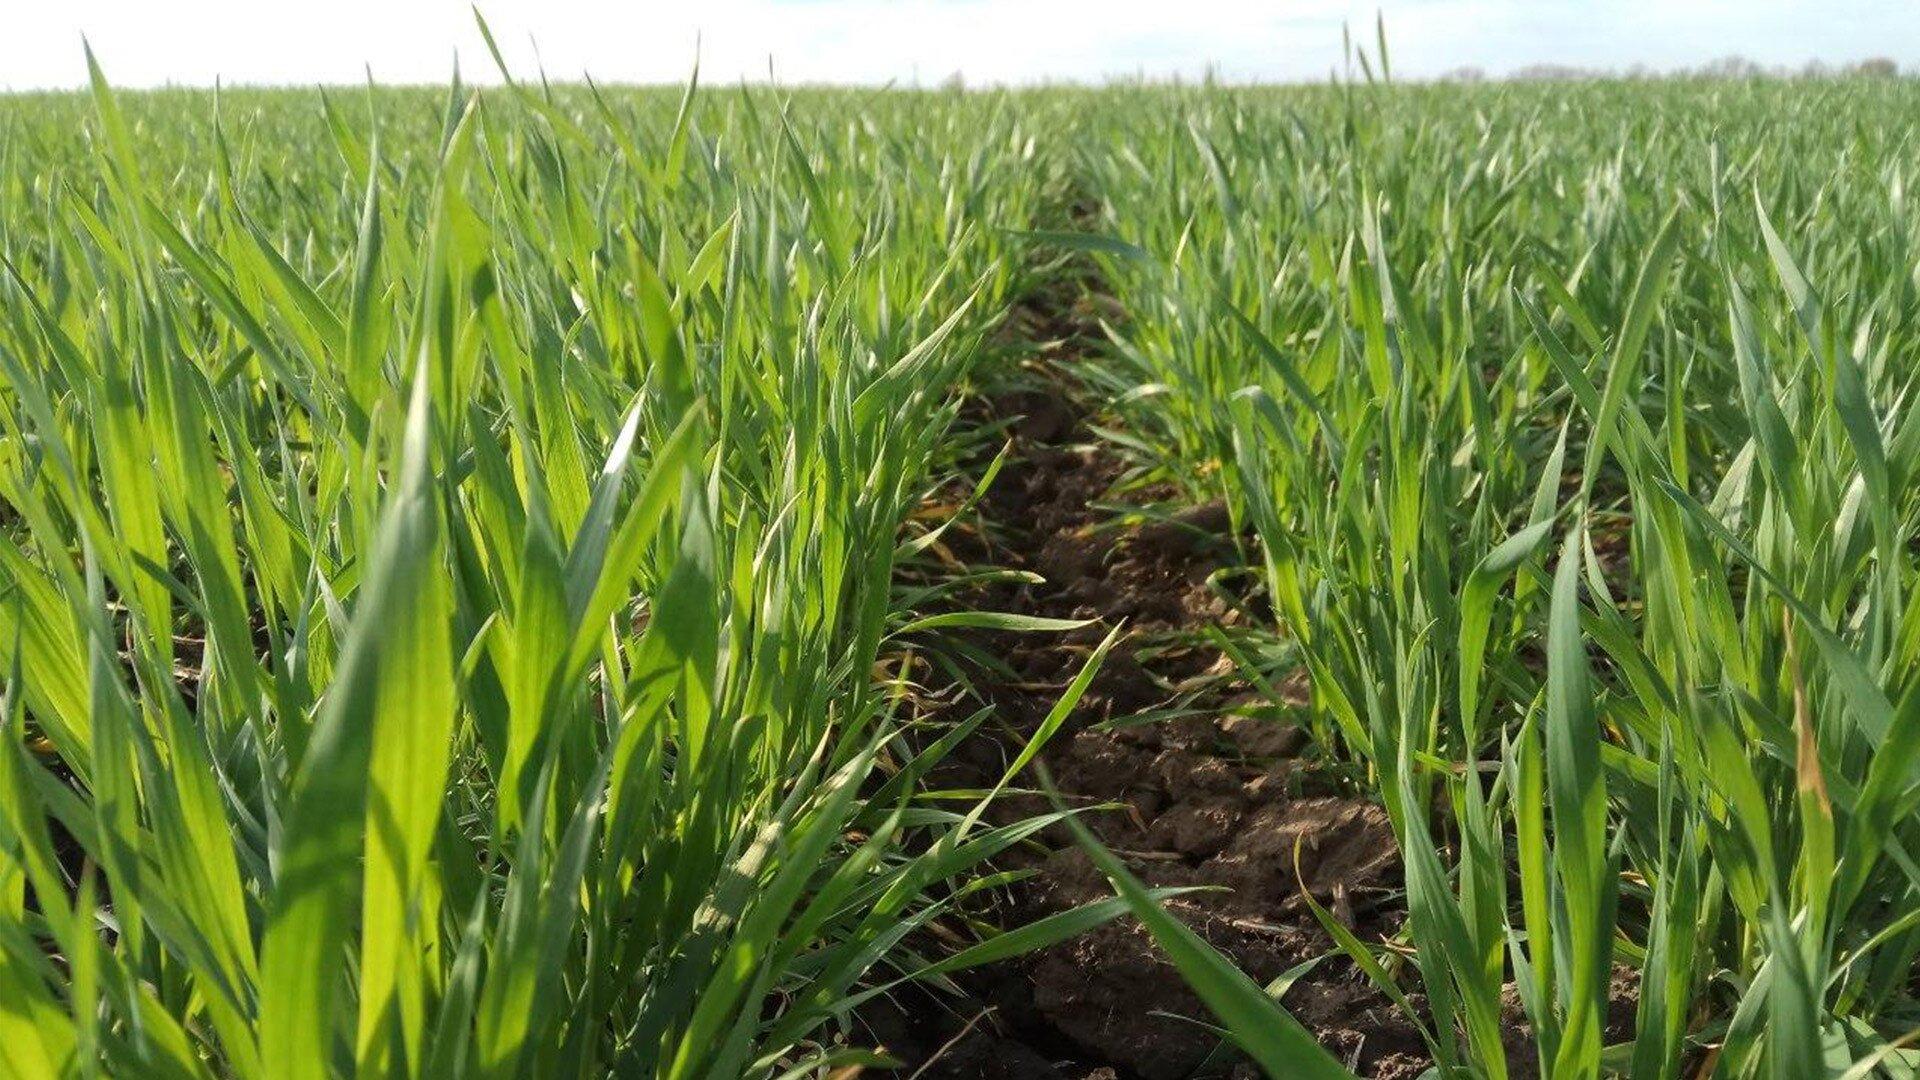 30-31 фаза розвитку озимої пшениці - початок виходу в трубку